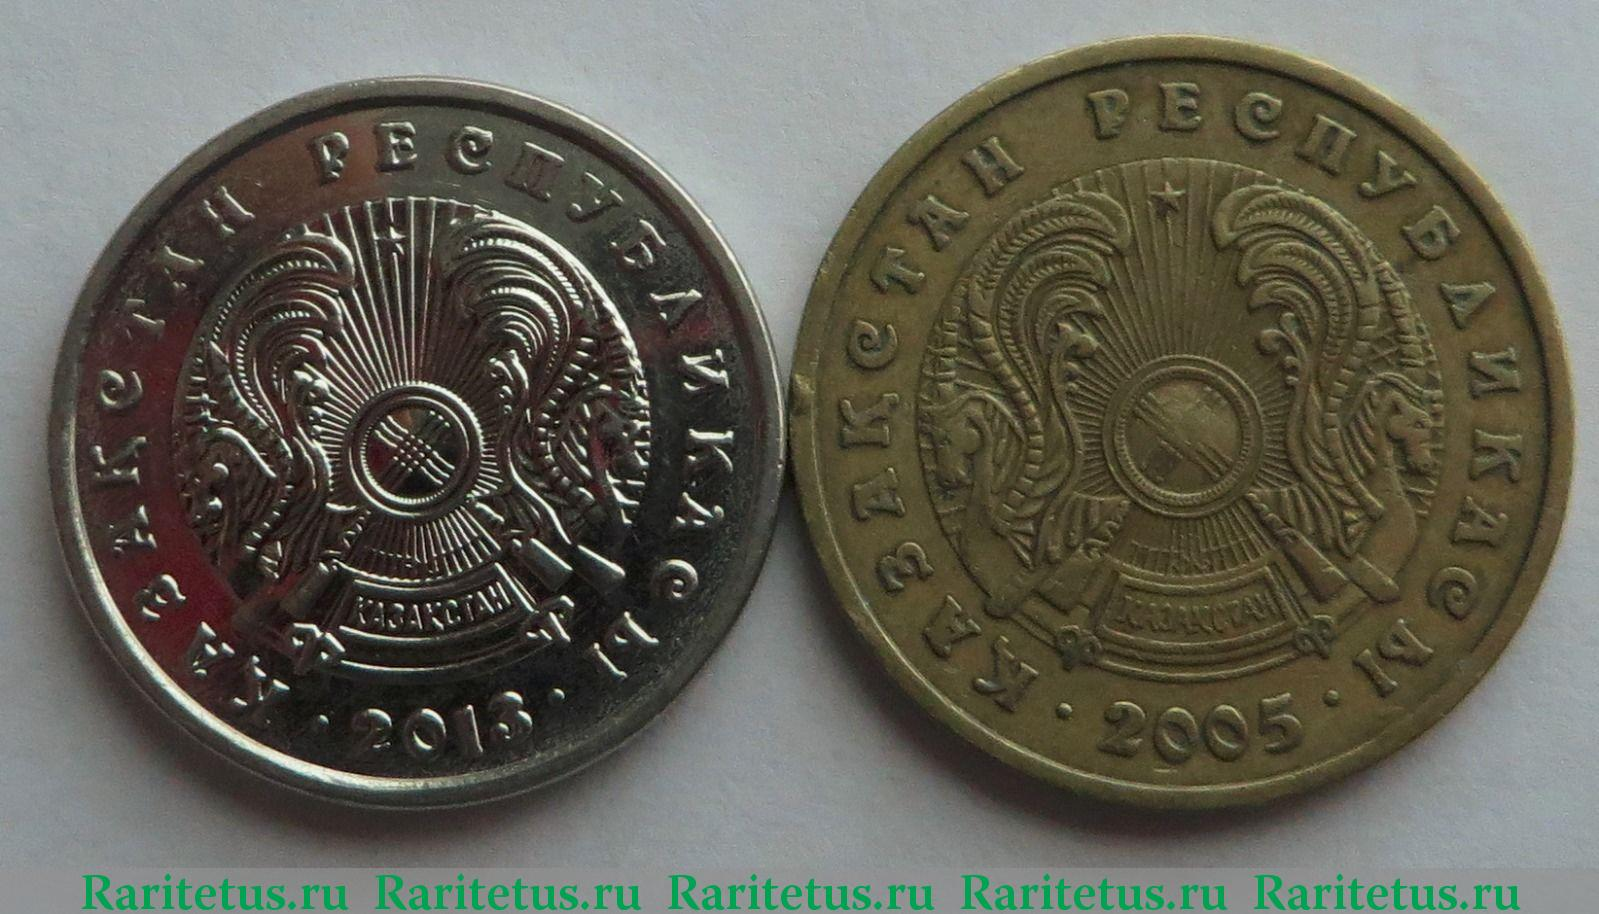 10 тенге 2005 года цена в рублях двойной эскудо это